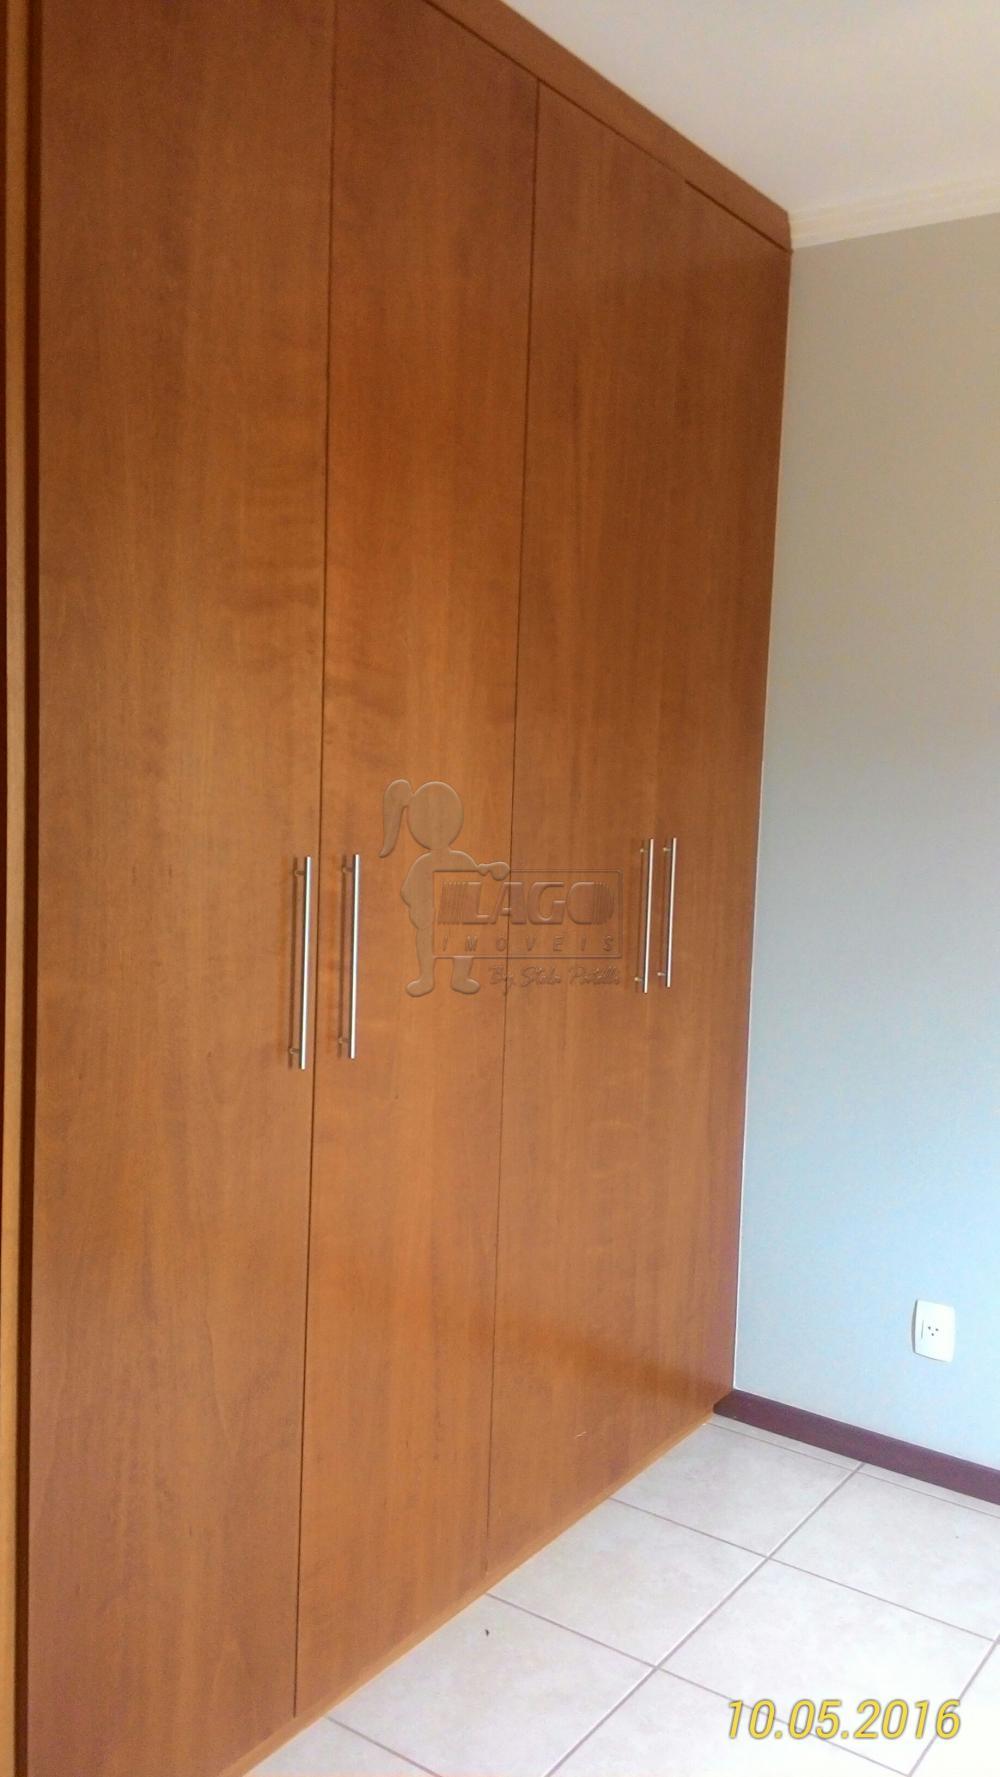 Alugar Casas / Condomínio em Bonfim Paulista apenas R$ 3.800,00 - Foto 21